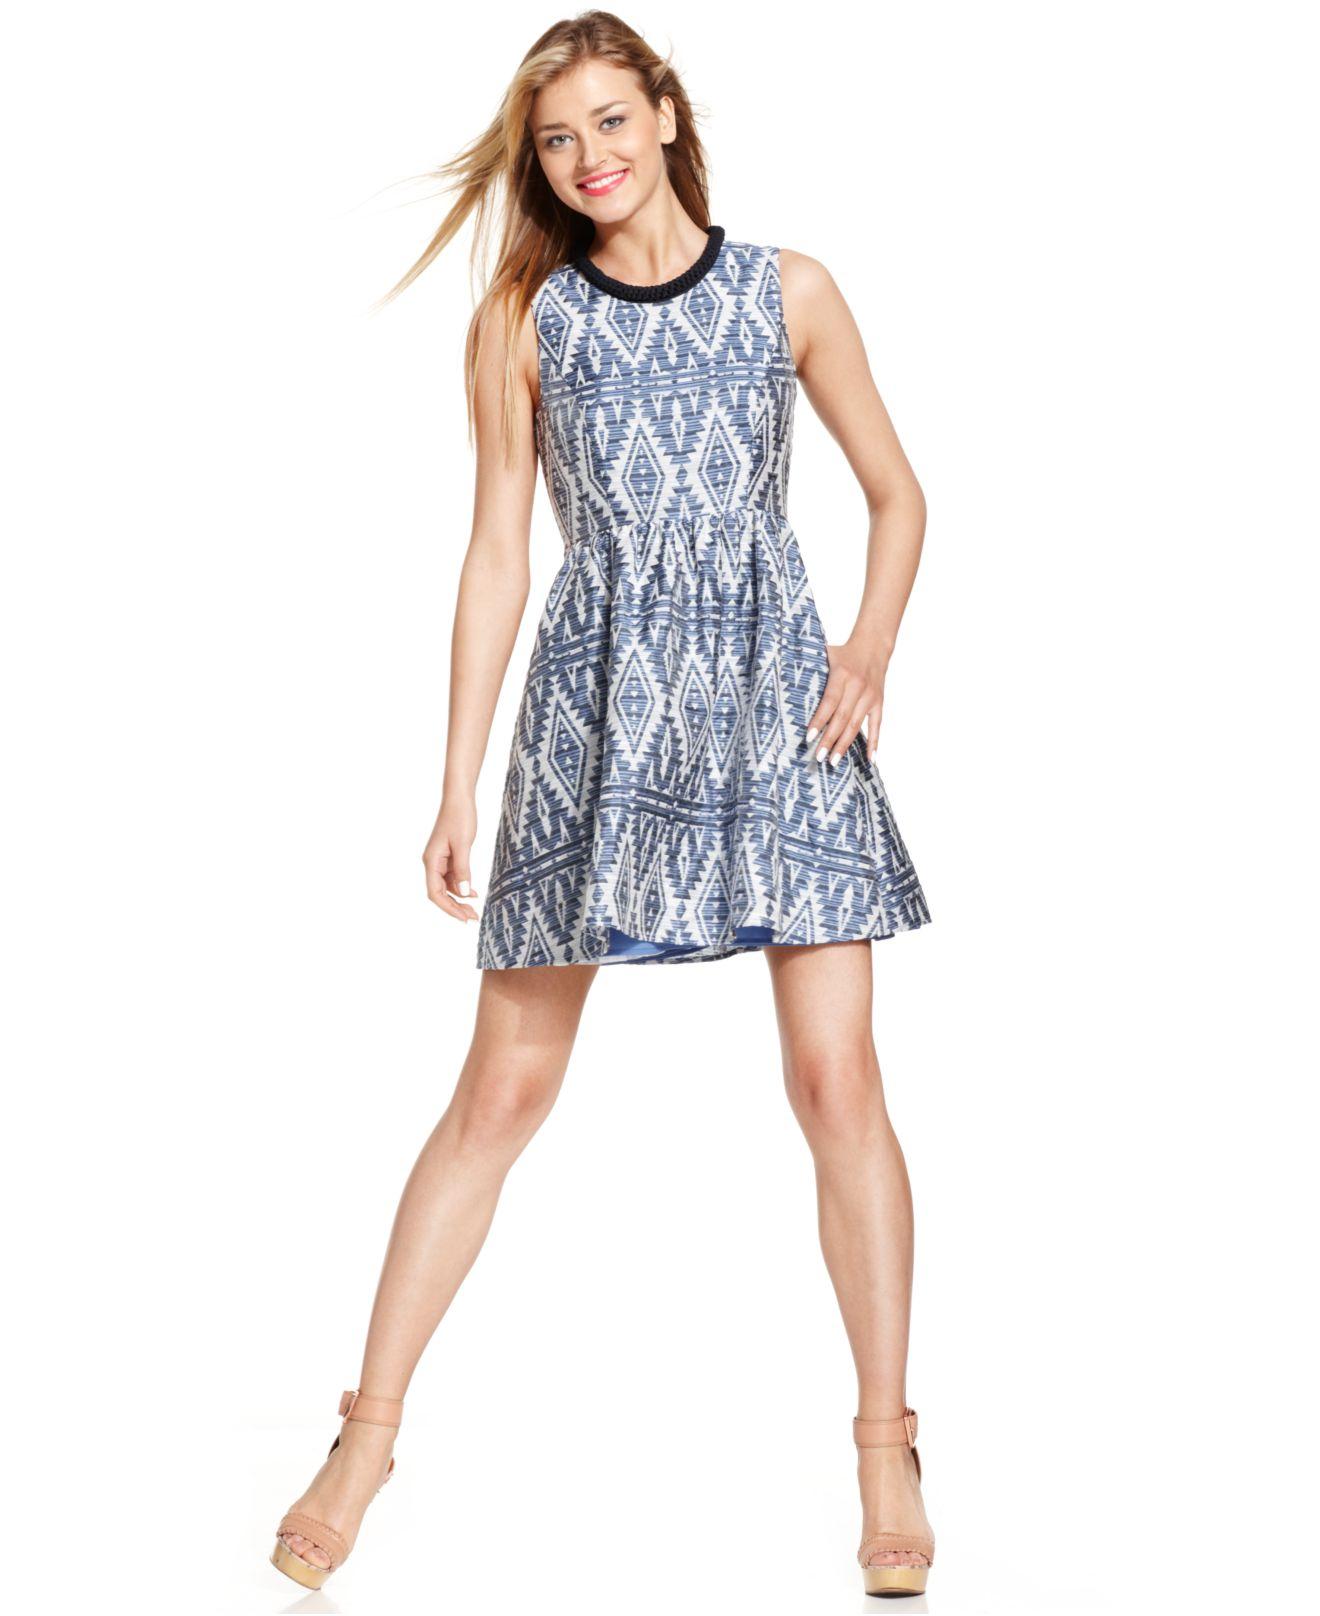 Jessica Simpson Tribal Print Jacquard Dress In Blue Lyst